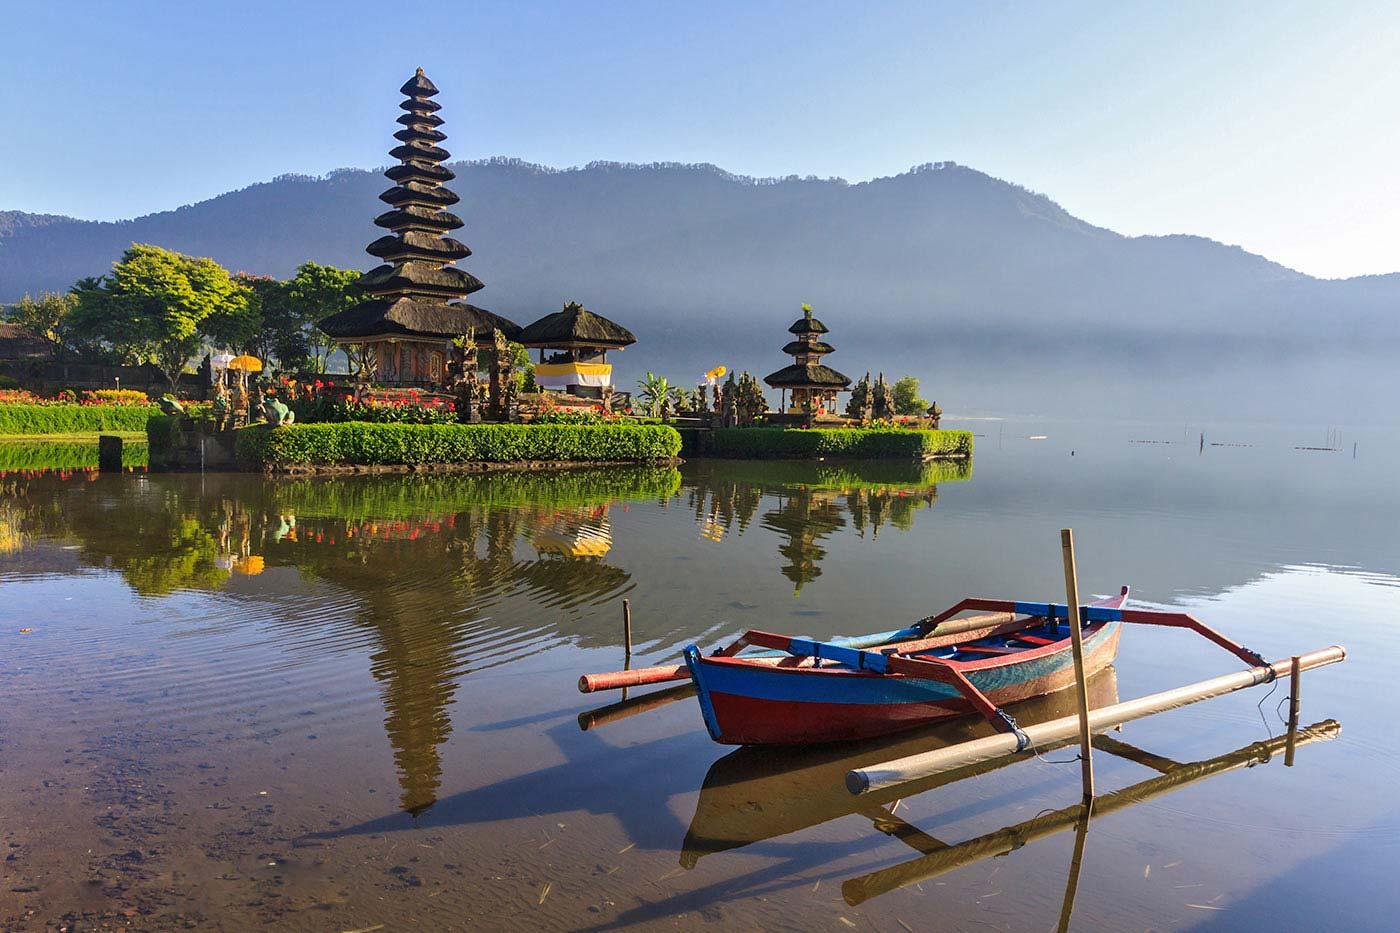 pura-ulun-danu-beratan-temple-bali-travel-expert